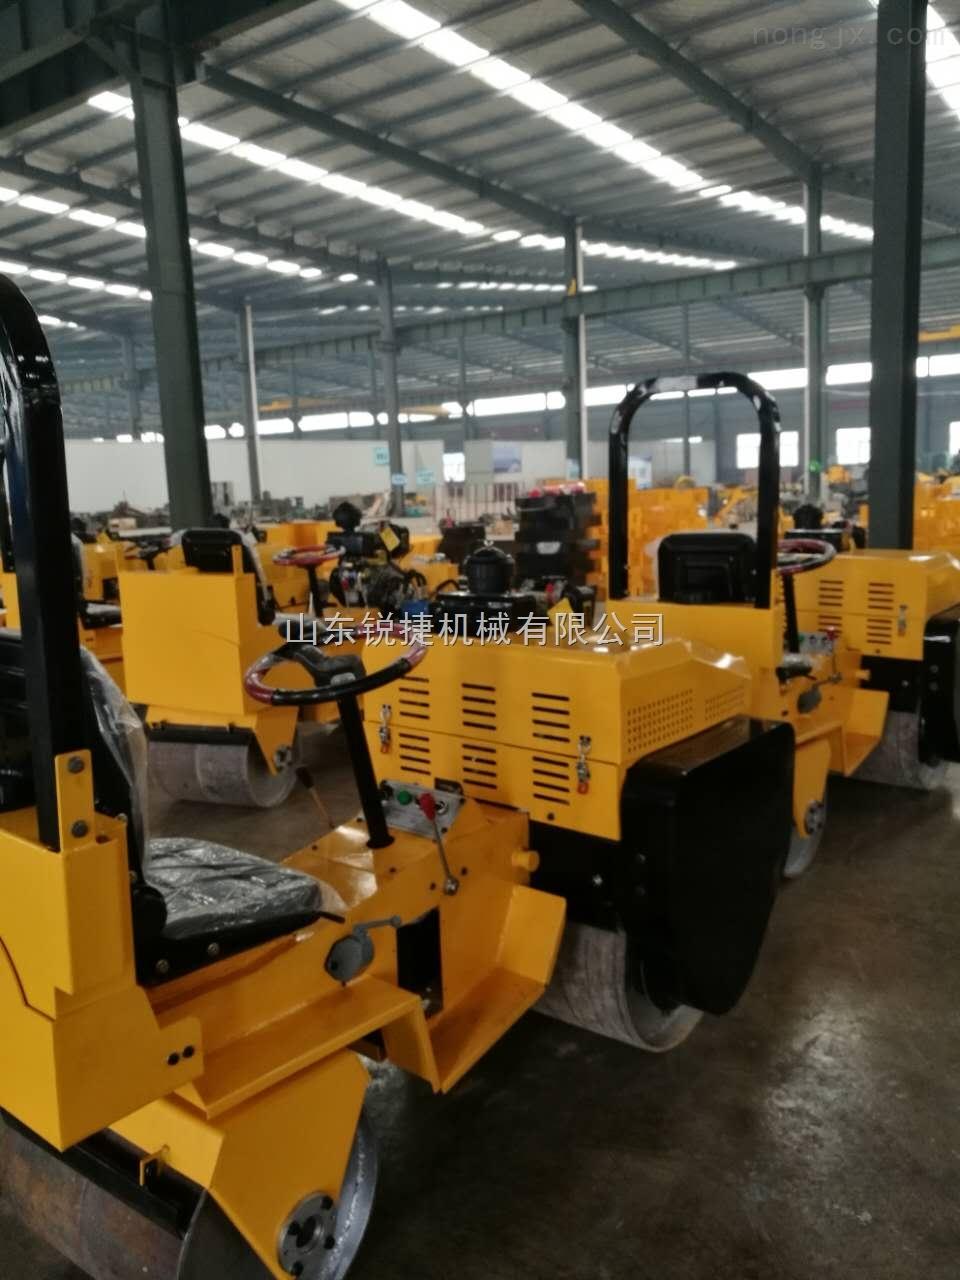 rj-700-升级版座驾式压路机,节能高效挖掘装载机,厂家直销